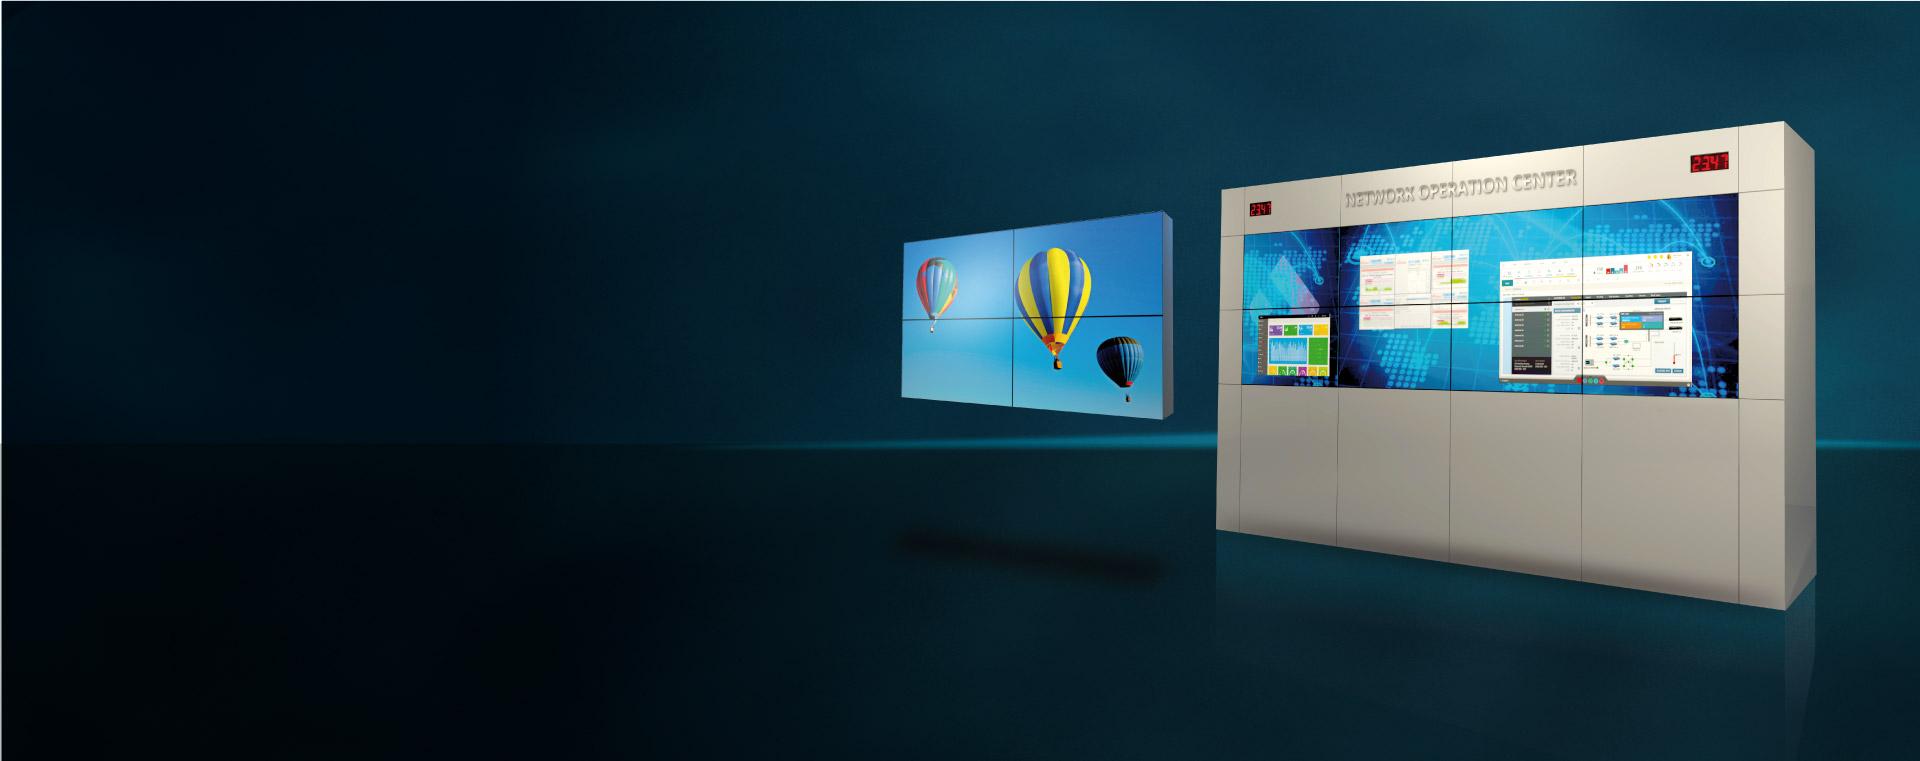 Videowall para Centros de Controle